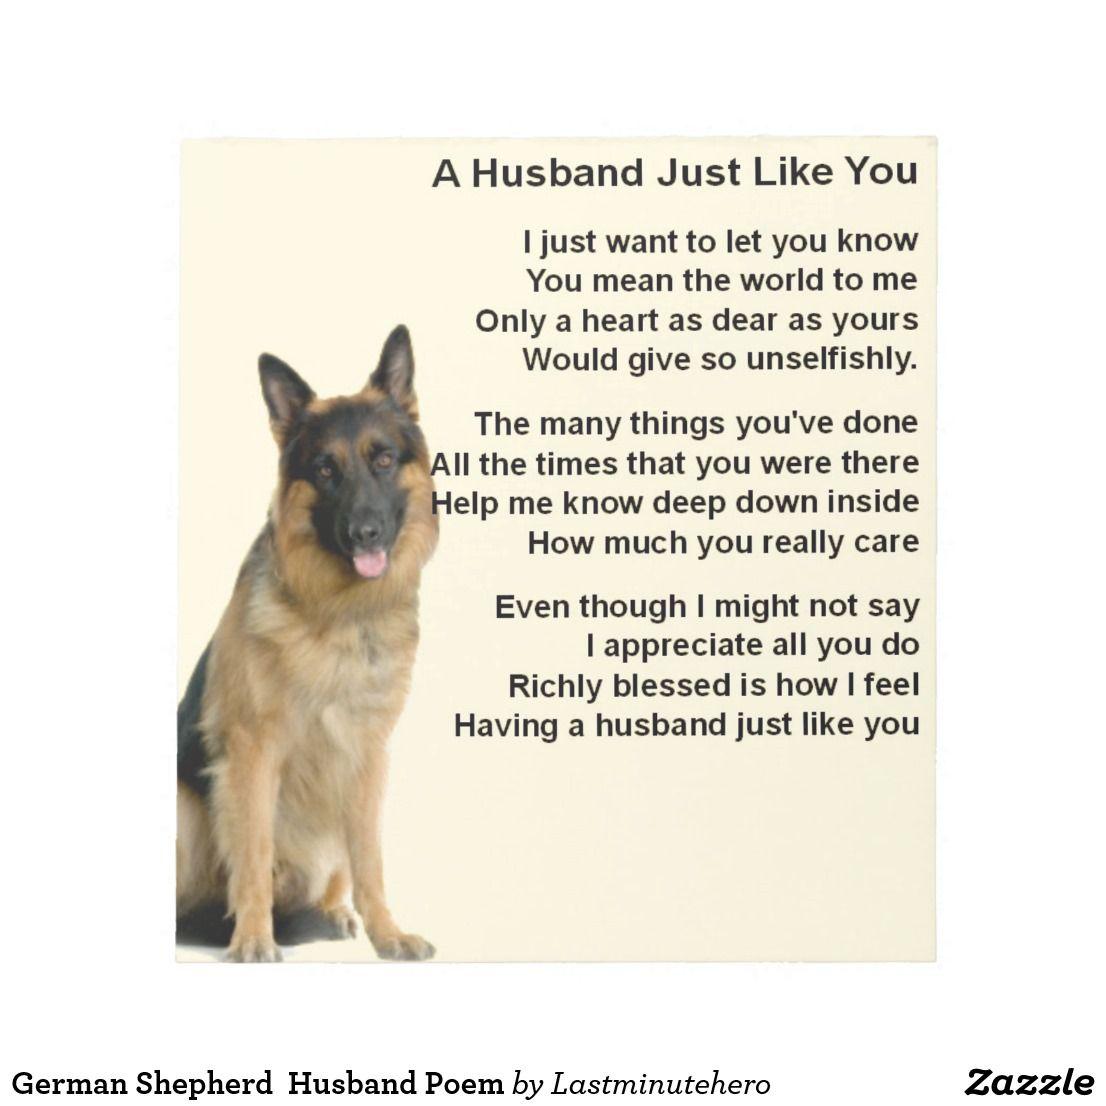 German Shepherd Husband Poem Notepad Zazzle Co Uk German Shepherd Dogs German Shepherd Shepherd Dog